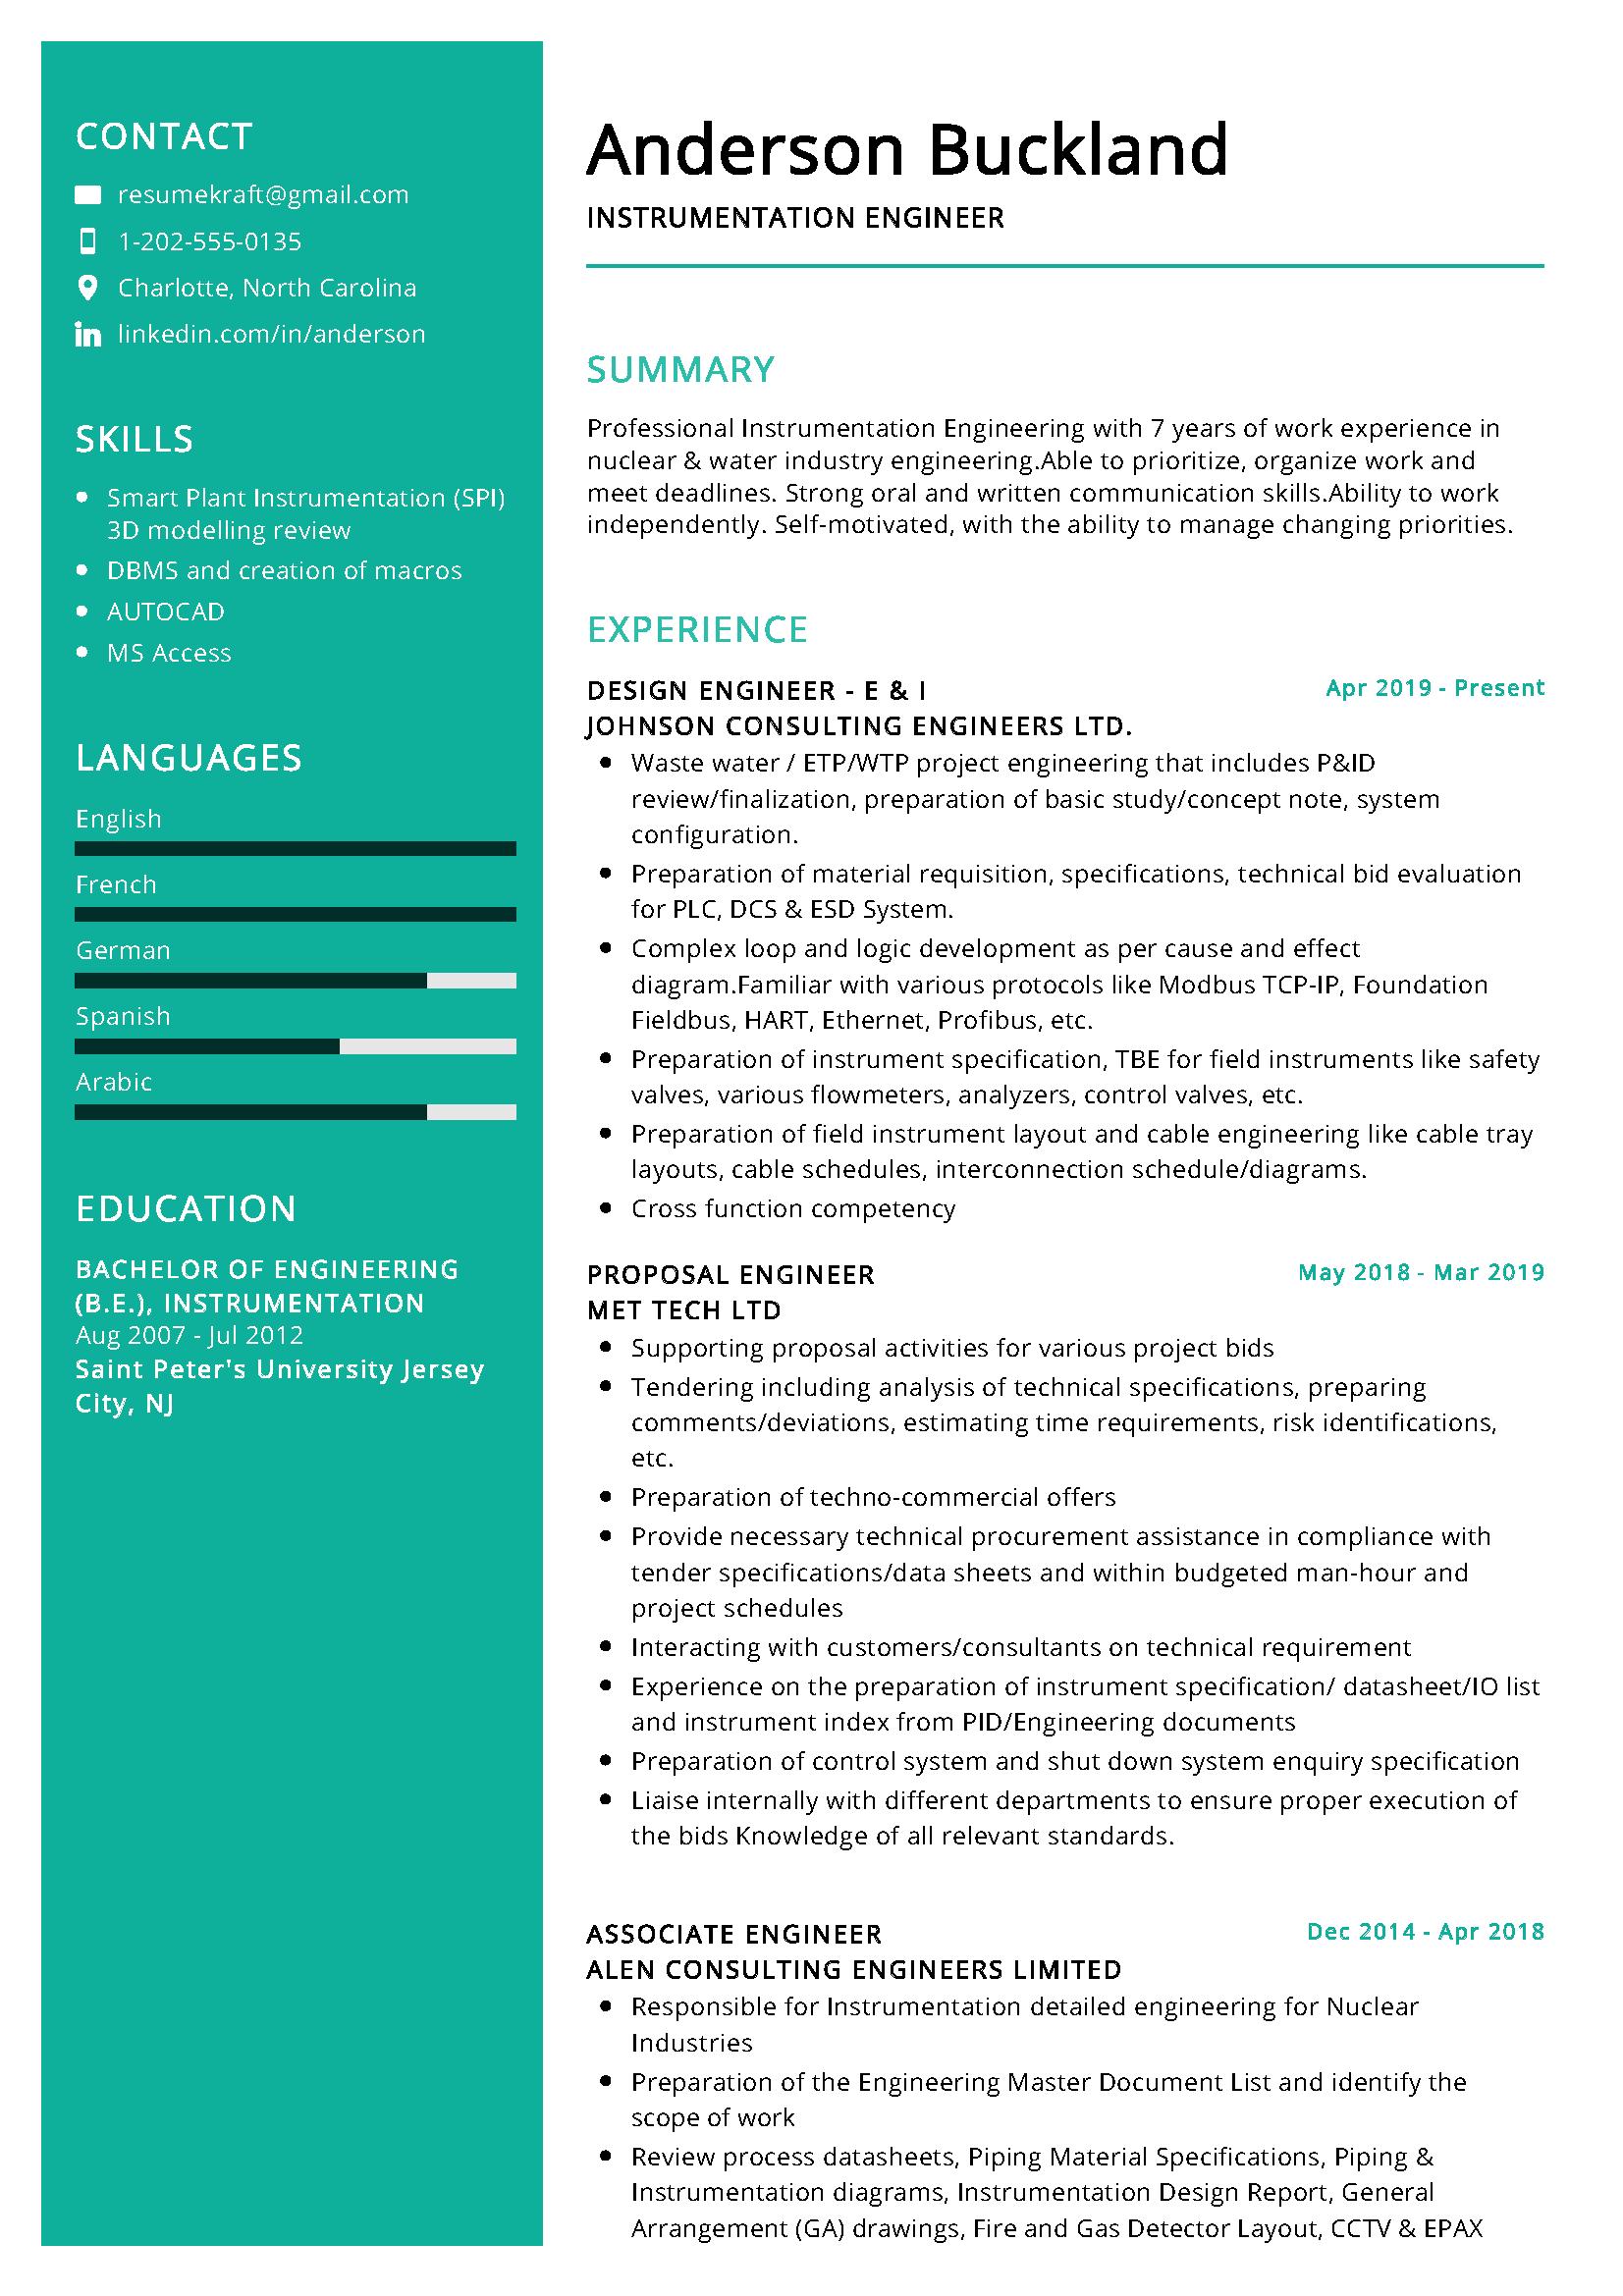 Instrumentation design engineer resume sample business plan presentation ppt